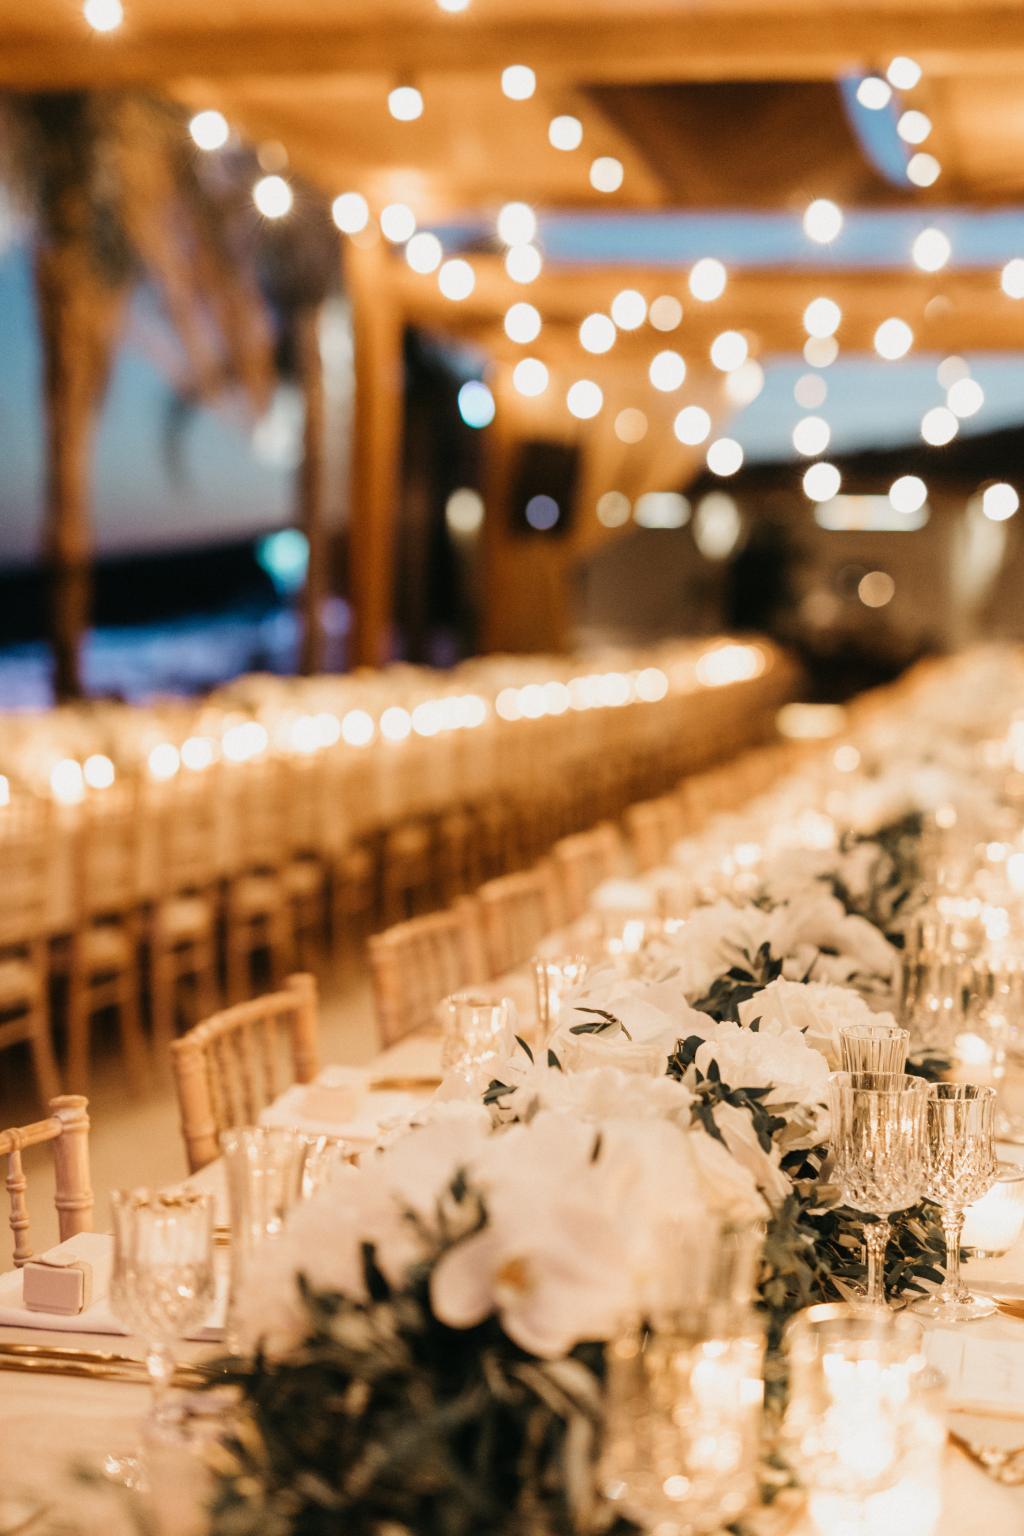 H&W Syros wedding - Image 21